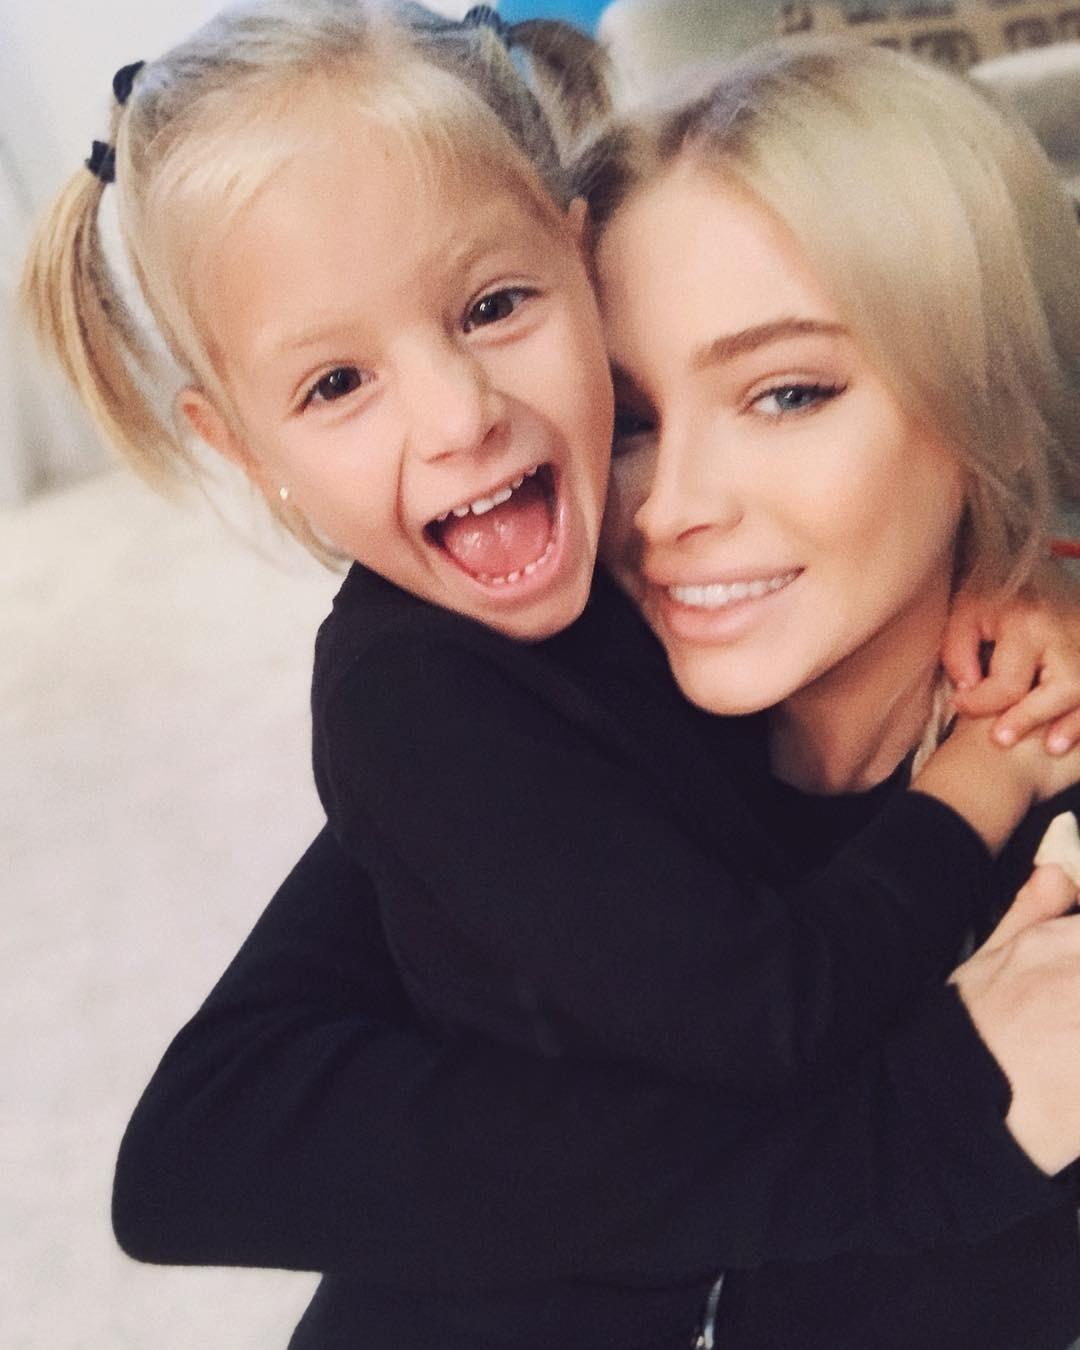 Дочка Тимати иАлены Шишковой провела забавную экскурсию поквартире